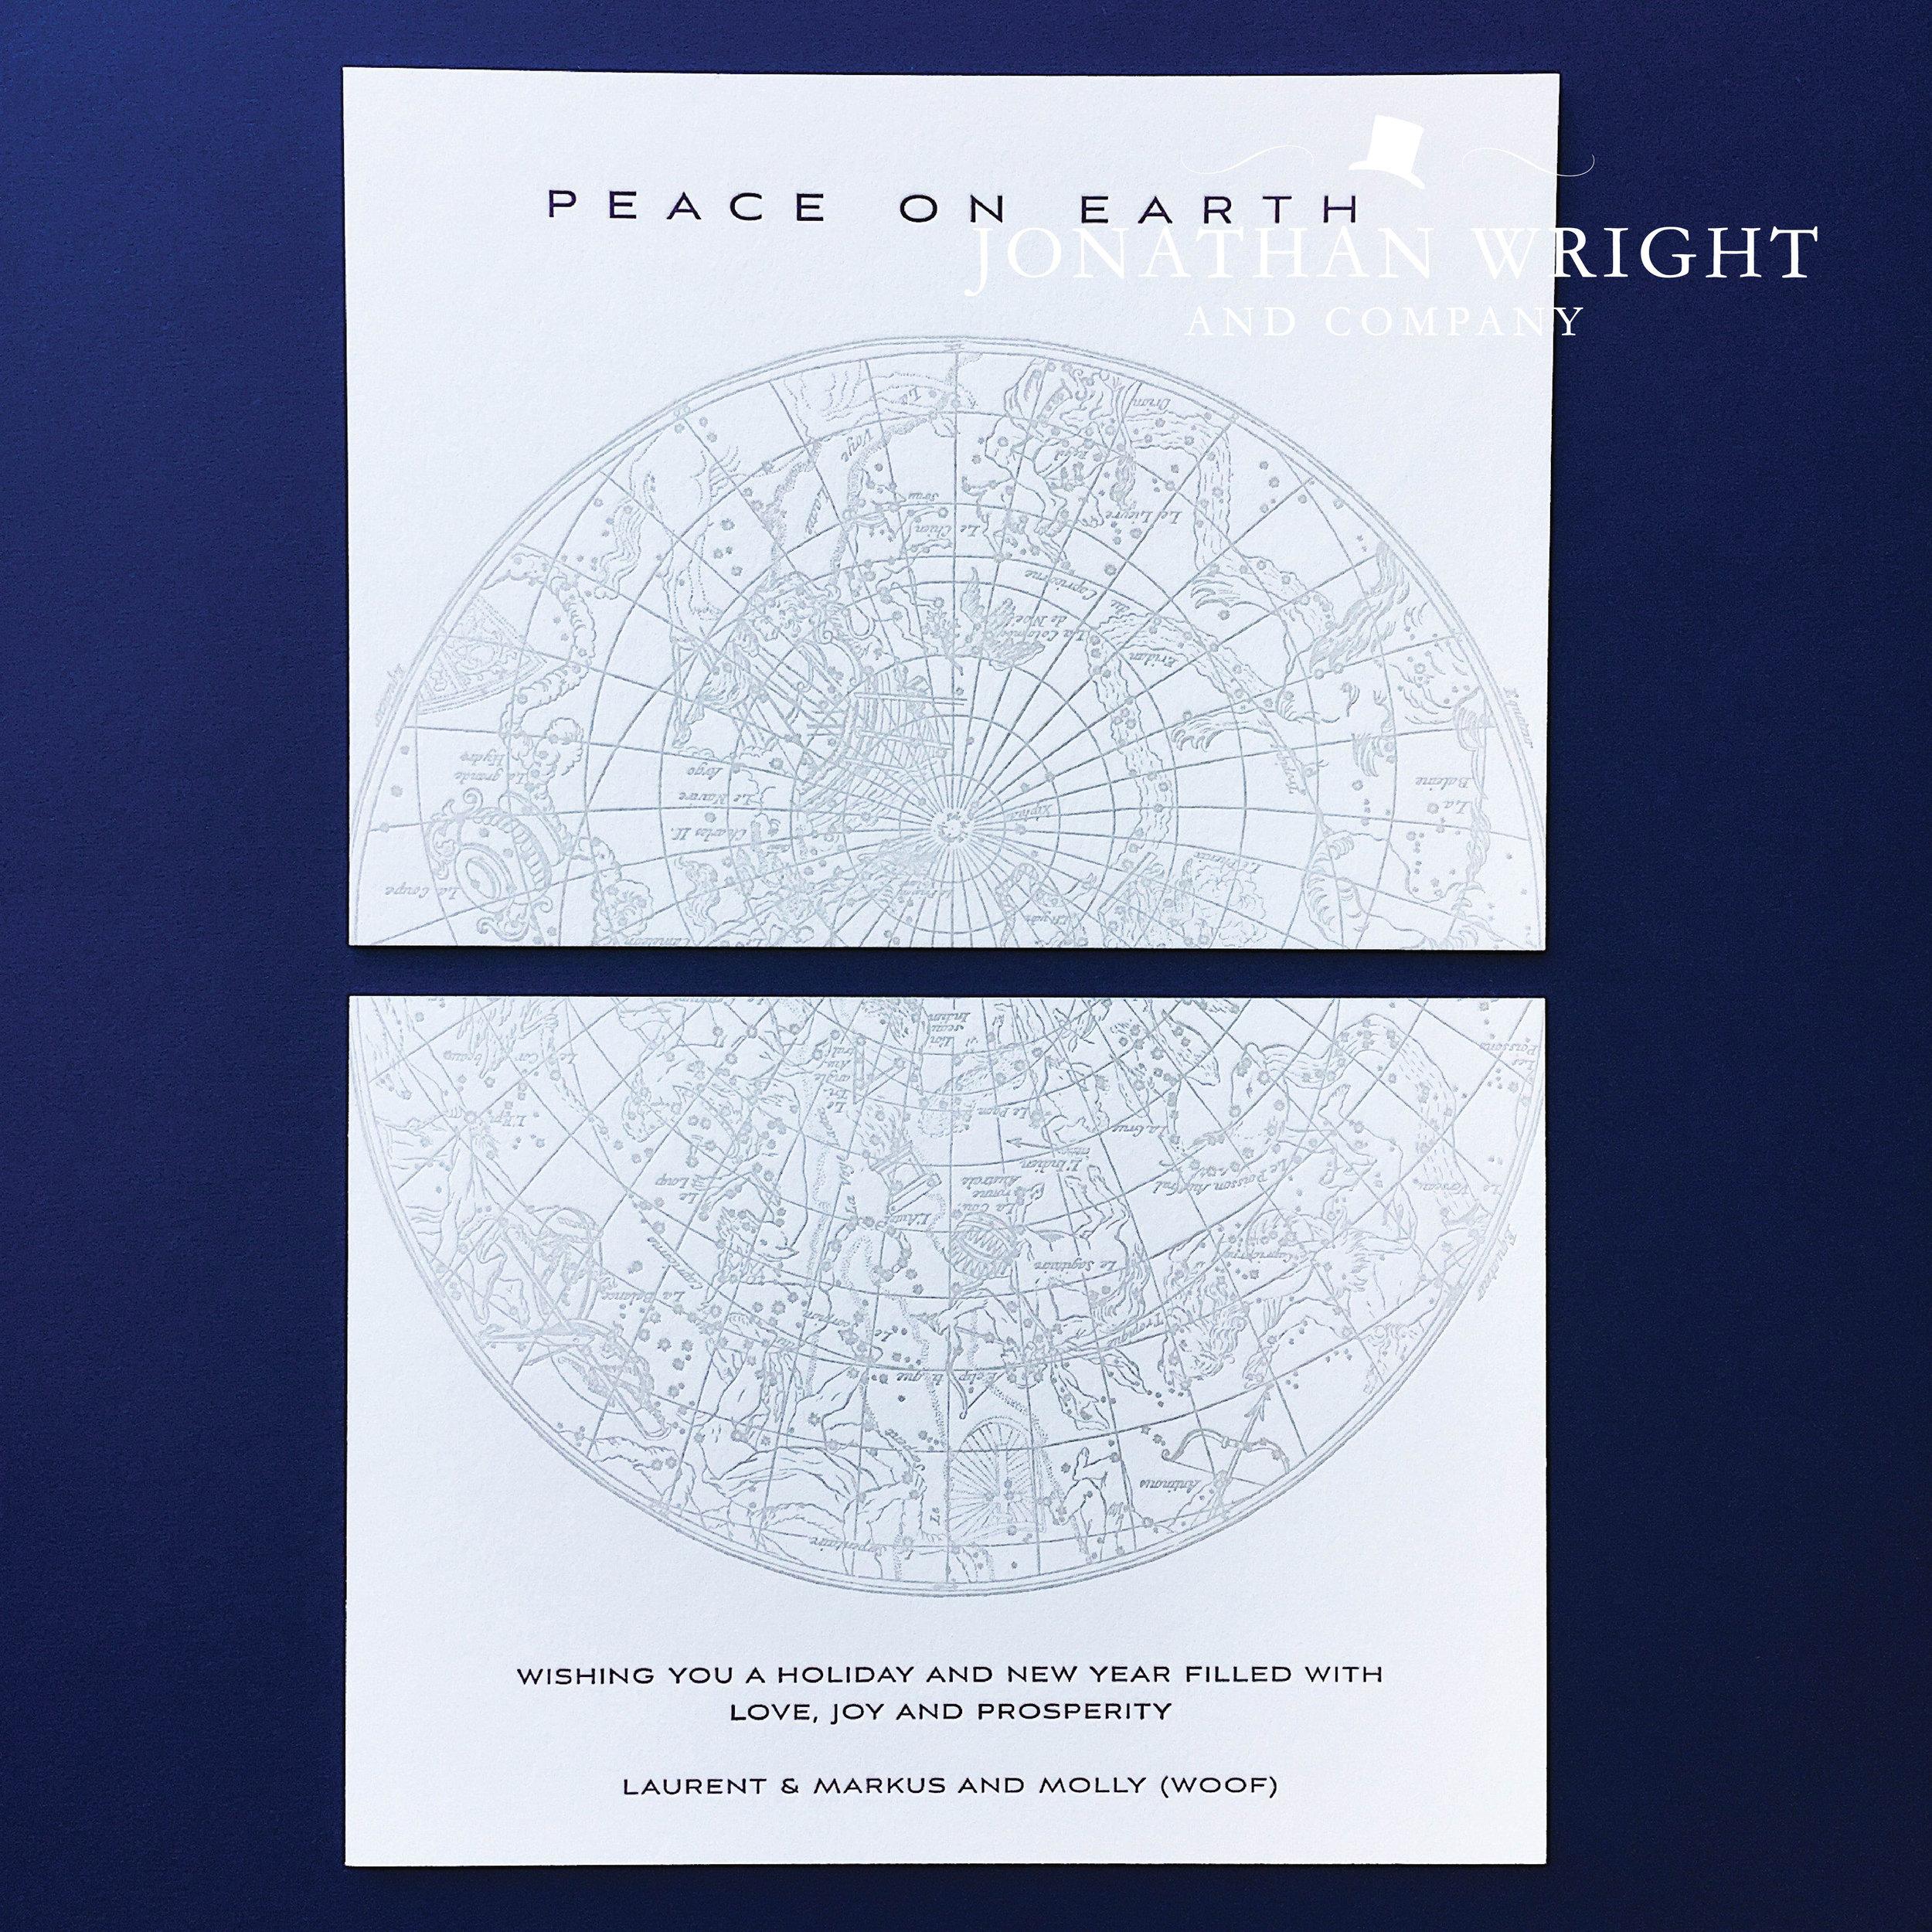 KEITH PEACE 1.jpg